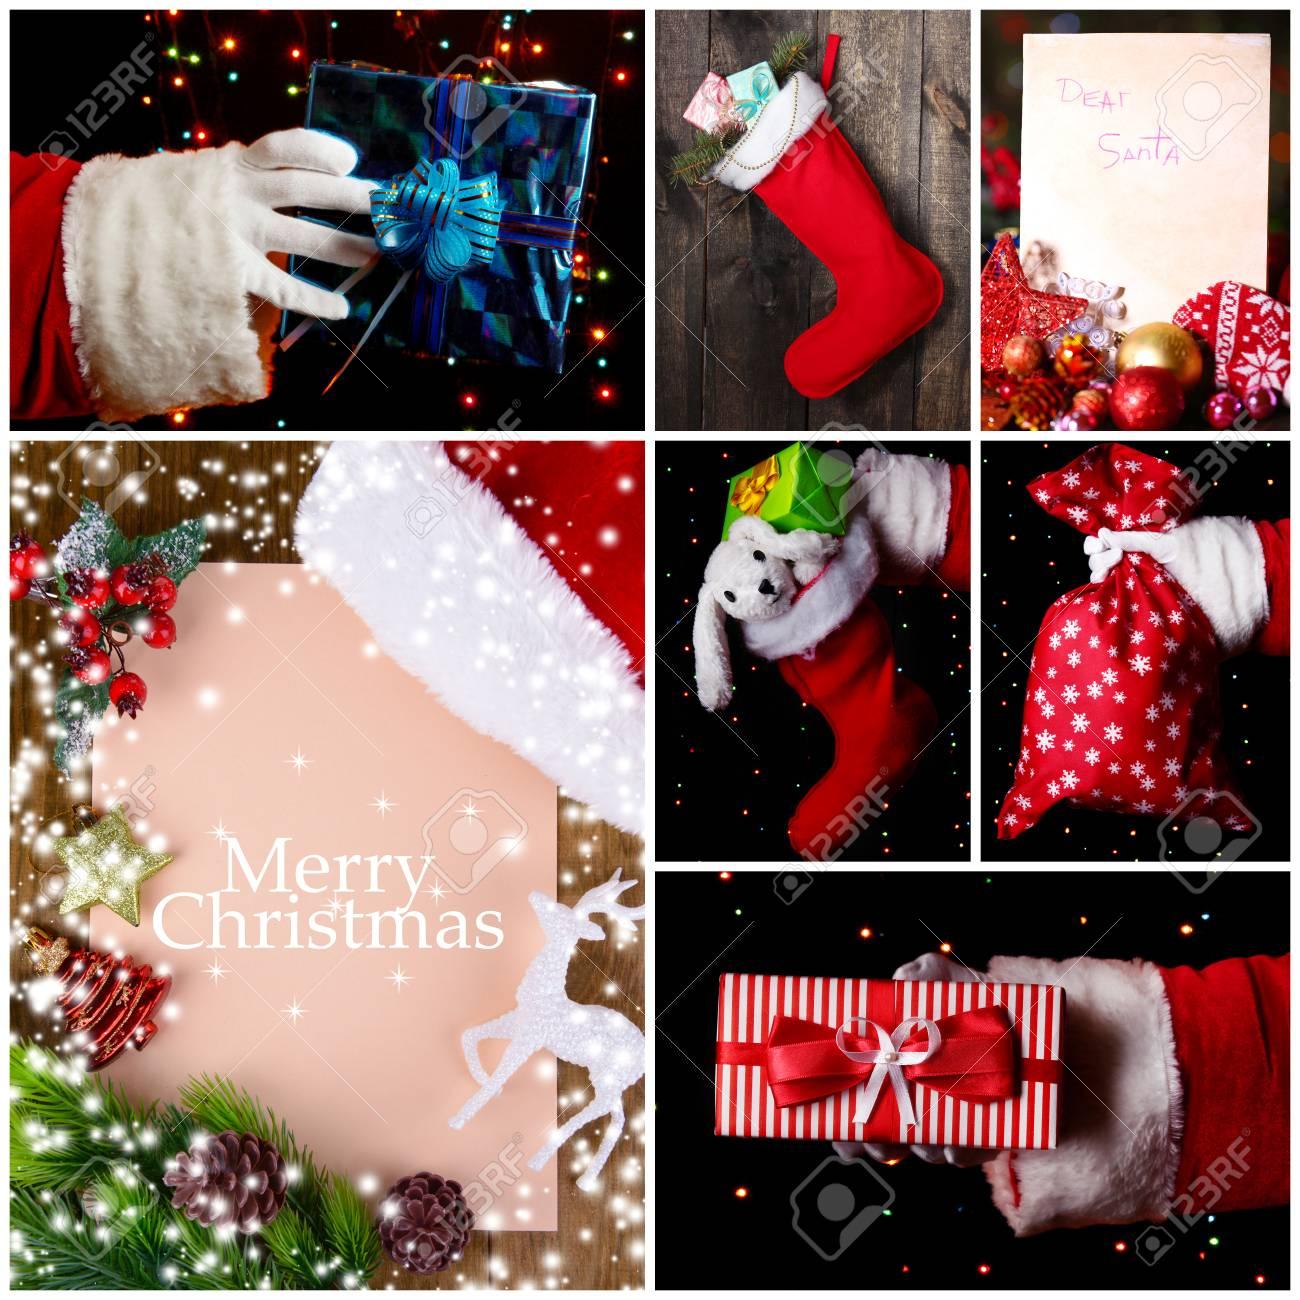 Foto Collage Di Natale.Immagini Stock Collage Di Natale Image 33808236